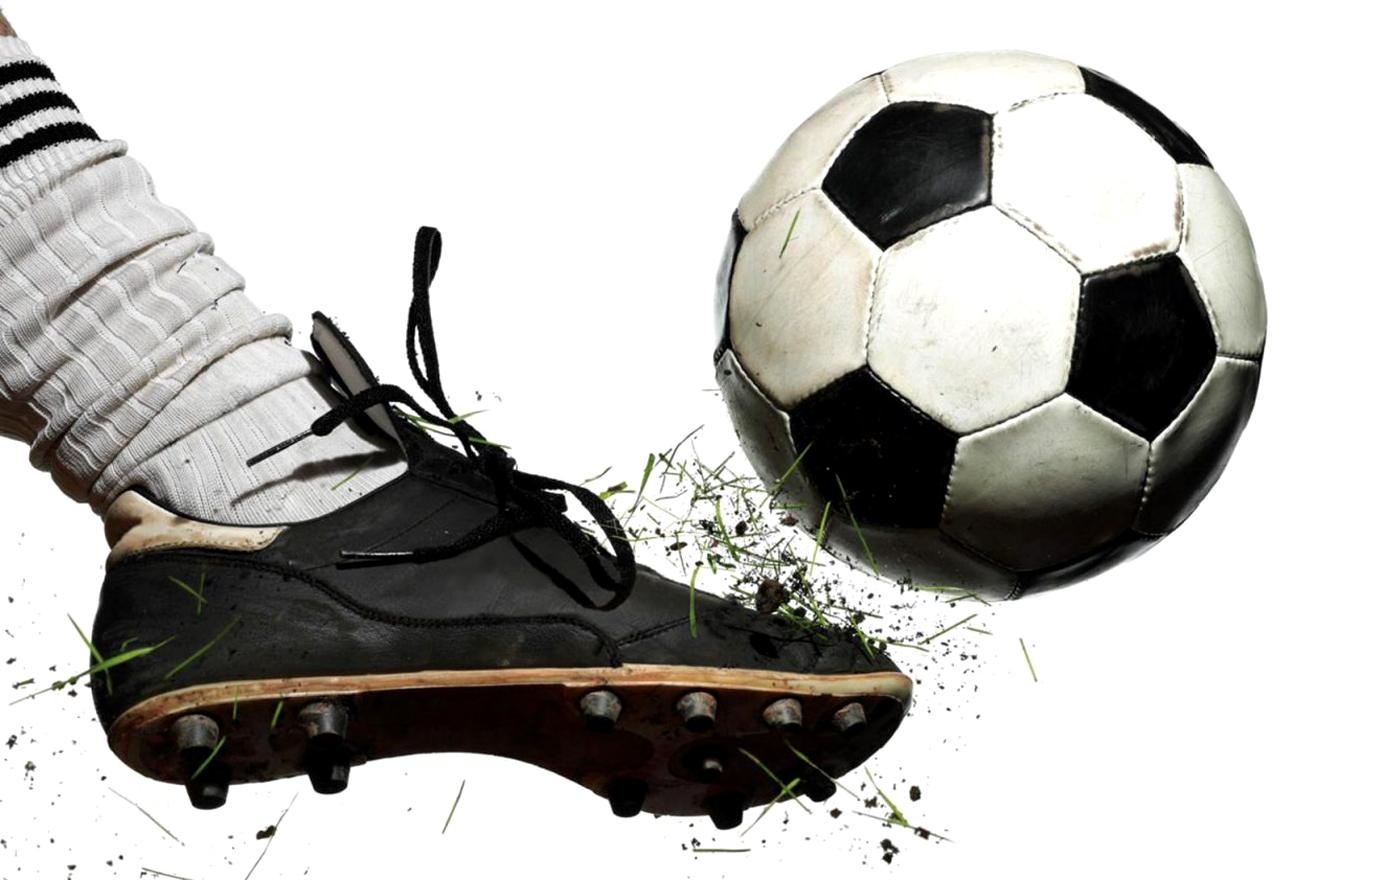 تاریخچه فوتبال و اولین های این رشته پرطرفدار در دنیا